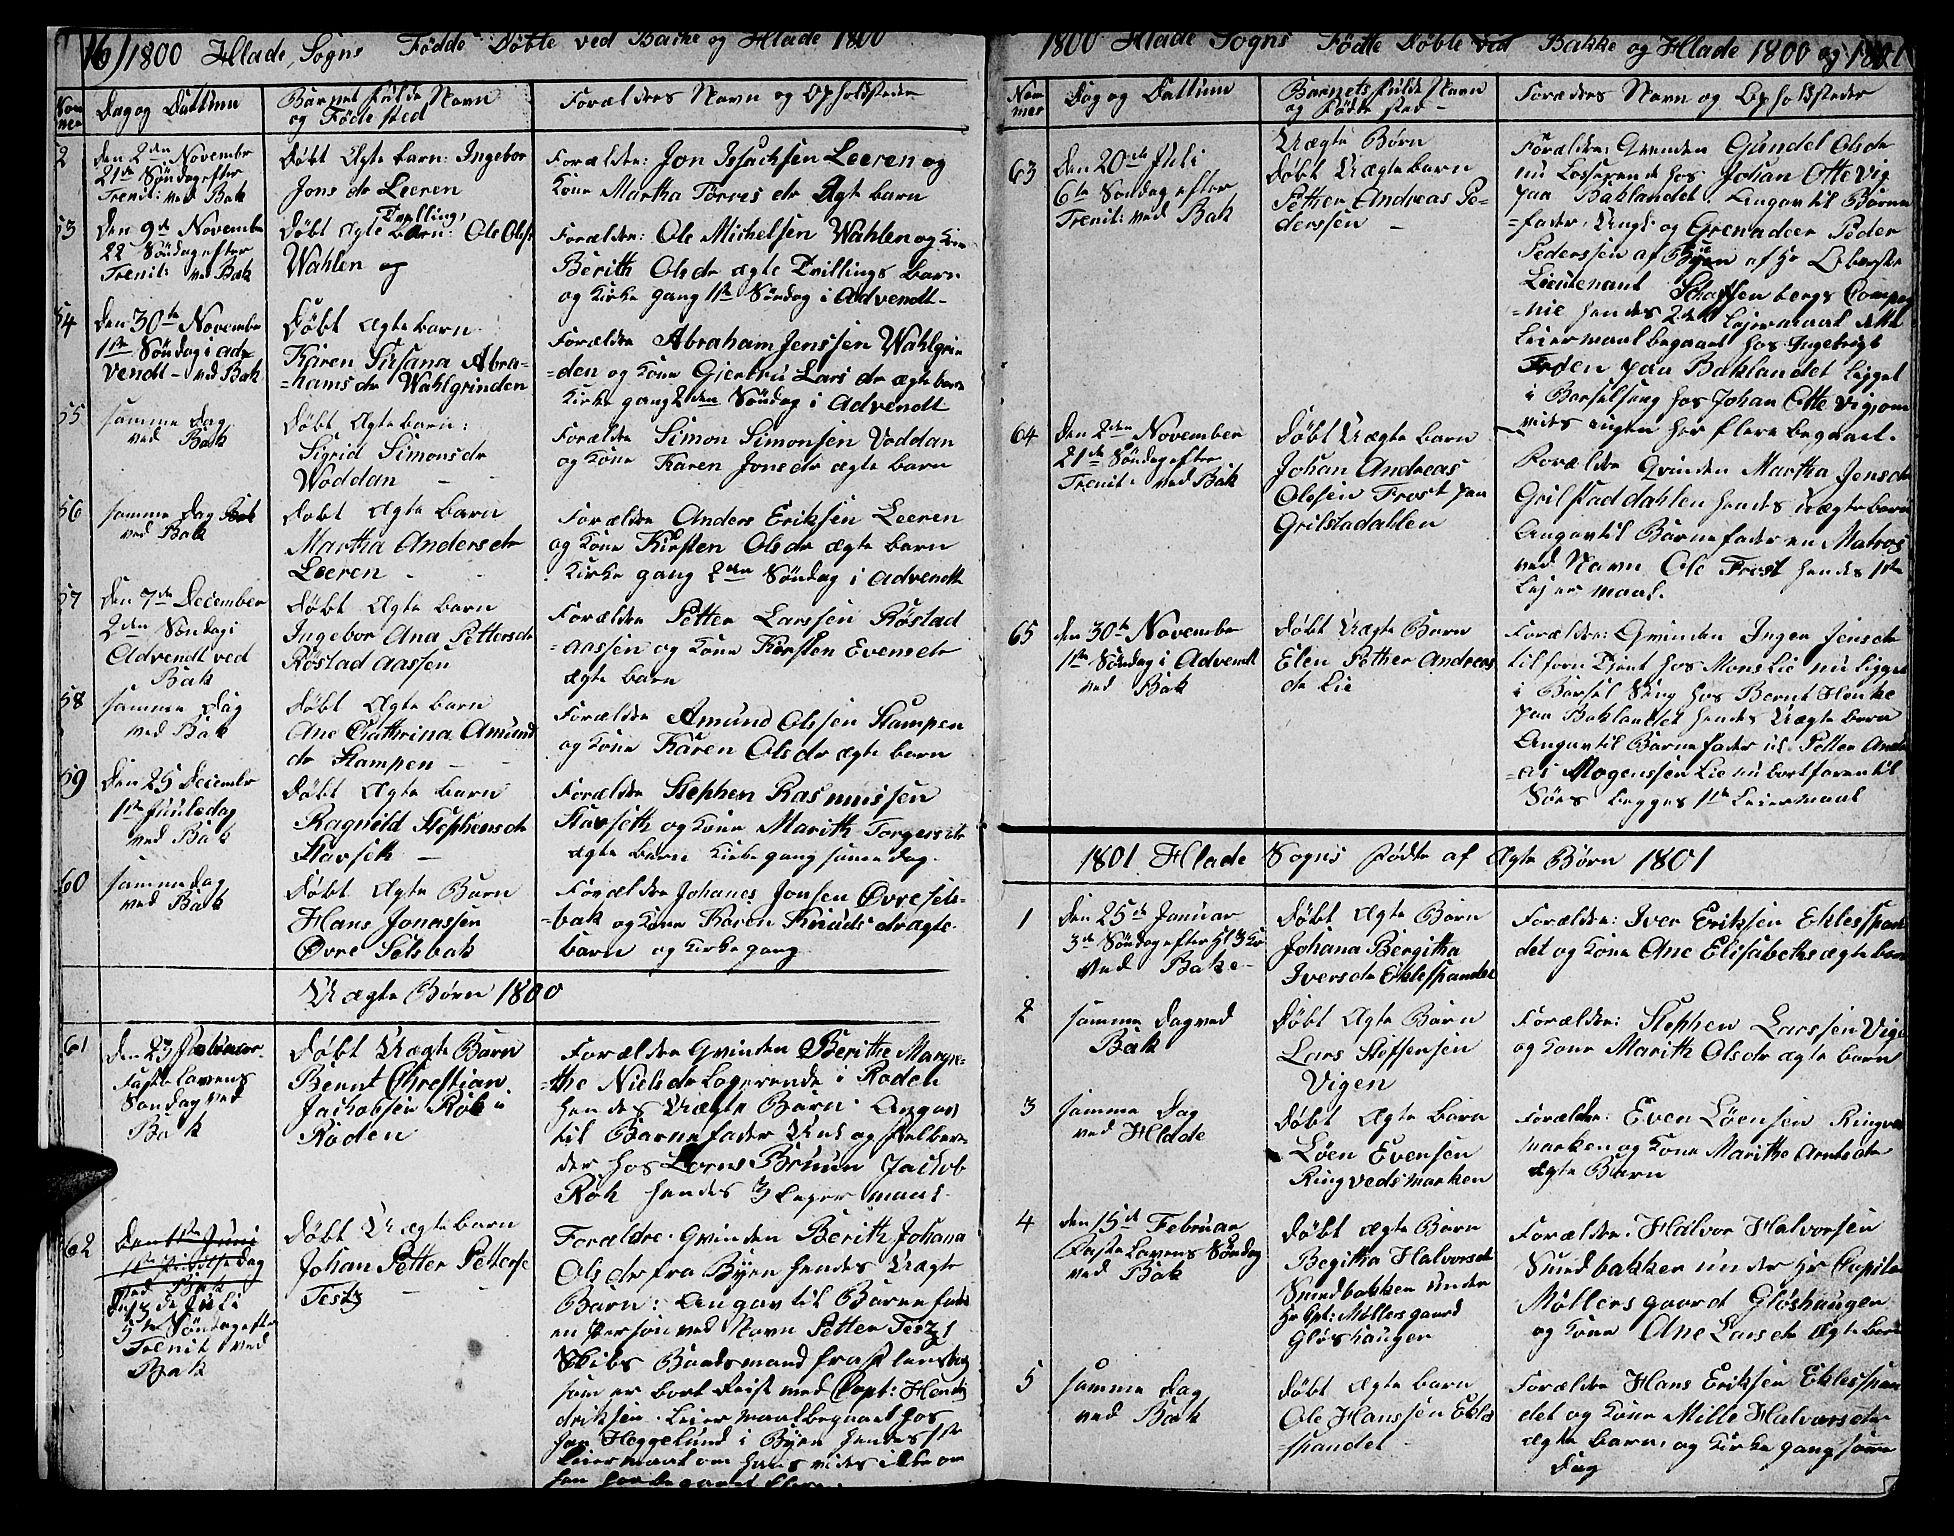 SAT, Ministerialprotokoller, klokkerbøker og fødselsregistre - Sør-Trøndelag, 606/L0306: Klokkerbok nr. 606C02, 1797-1829, s. 16-17